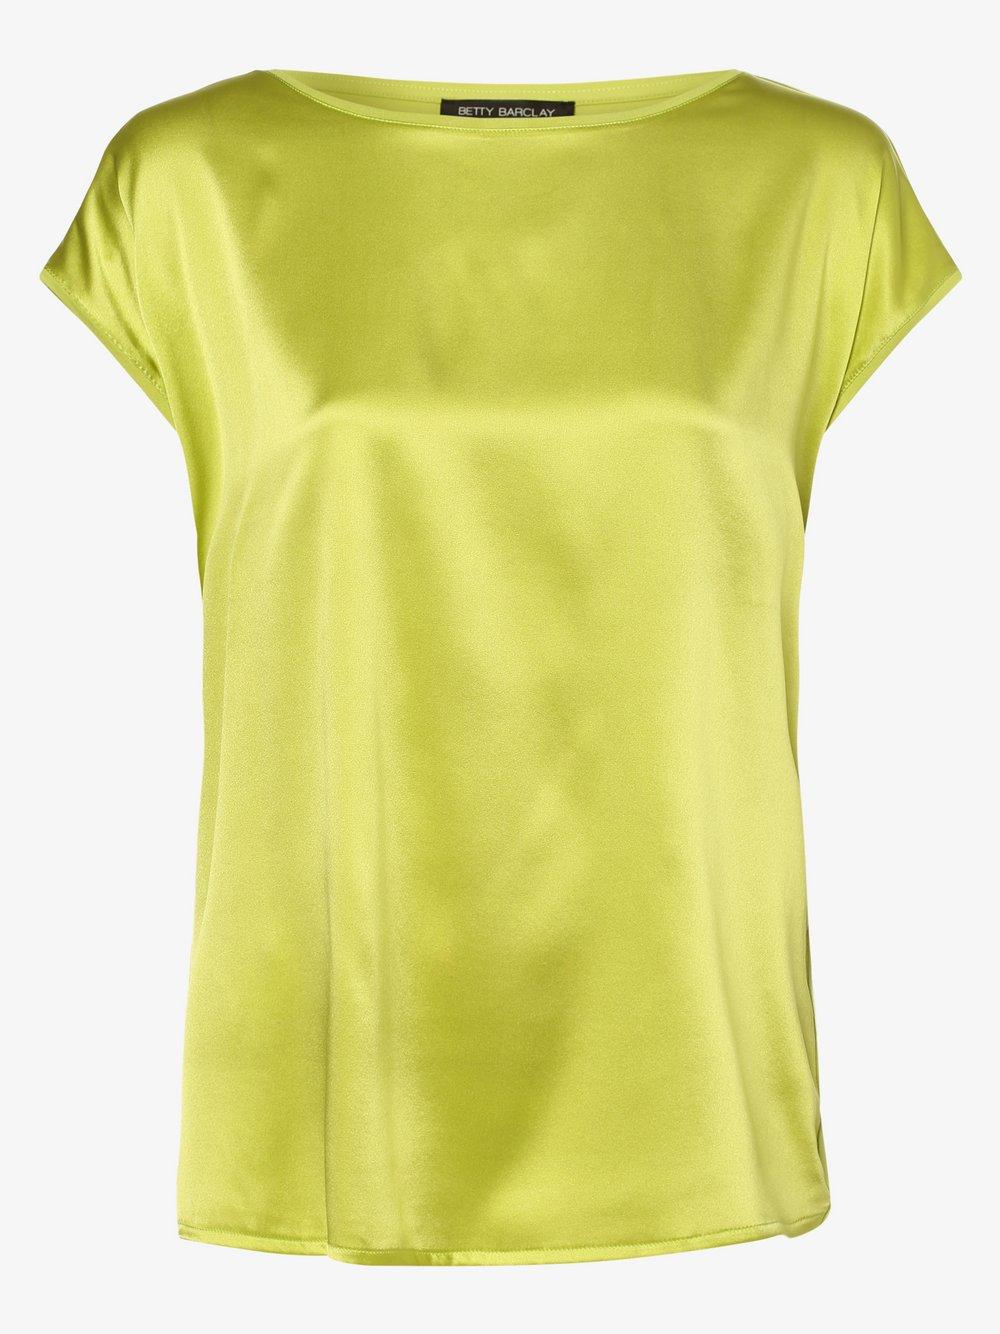 Betty Barclay – Koszulka damska z dodatkiem jedwabiu, żółty Van Graaf 469753-0002